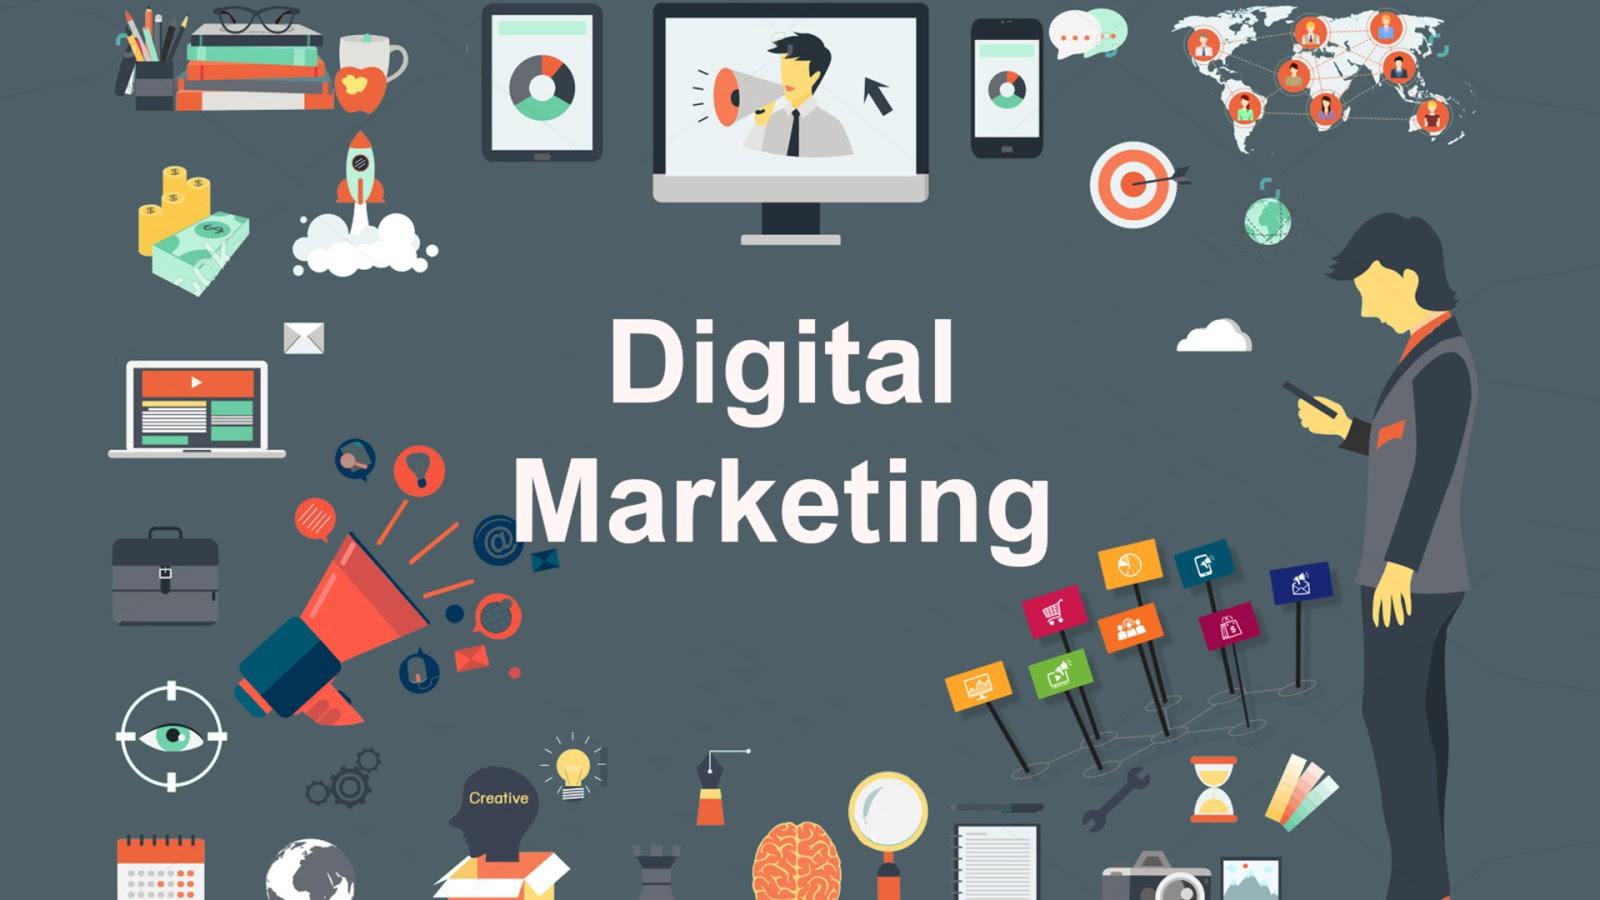 Digital Marketing Agency uy tín sẽ giúp đảm bảo hiệu quả